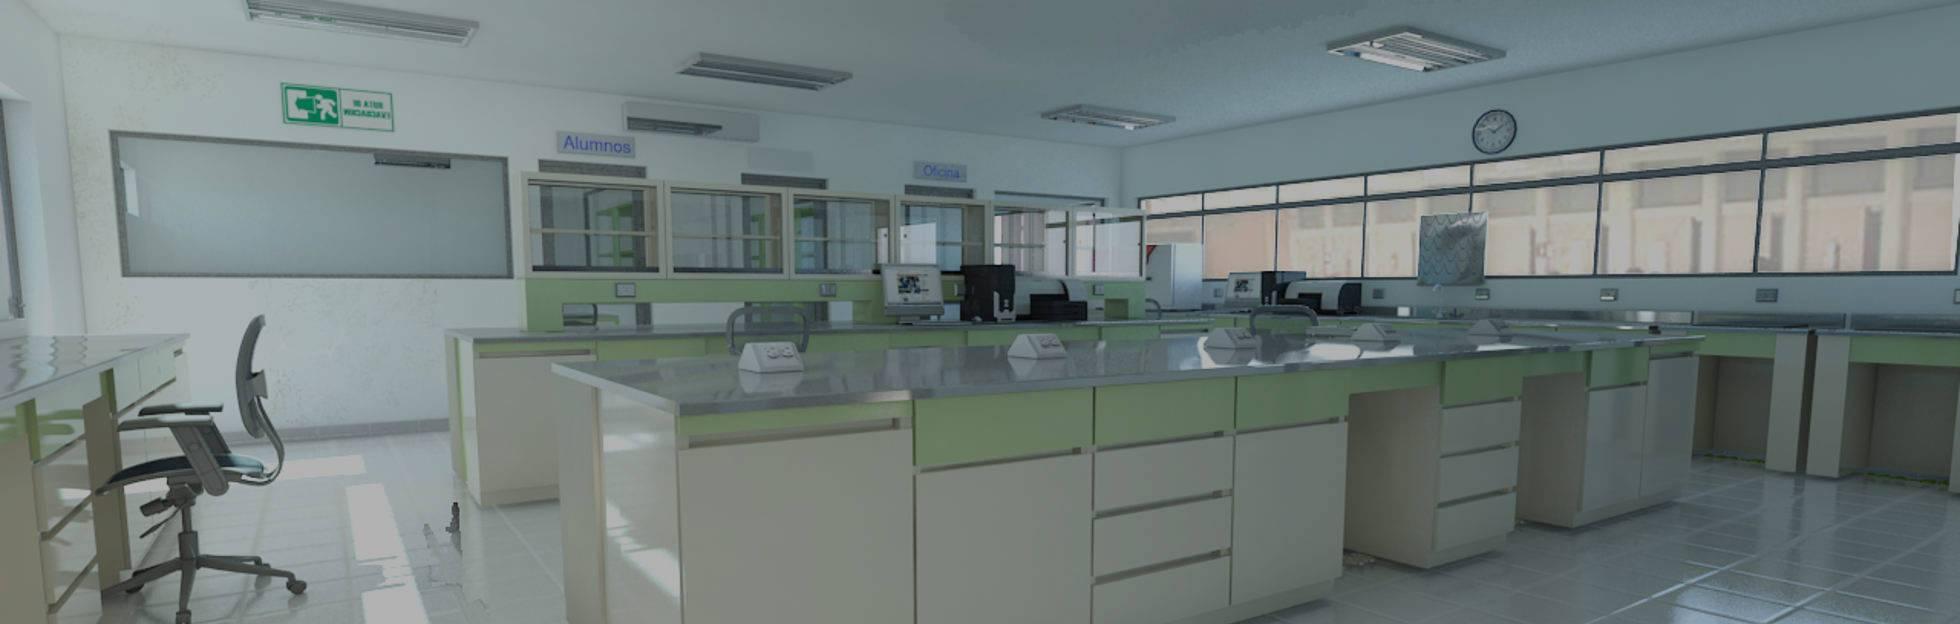 Dabrielo Muebles De Laboratorio - Dabrielo Dise O Y Realizaci N De Amueblamiento Para Laboratorios [mjhdah]http://www.dabrielo.com/images/slide/slide3.jpg